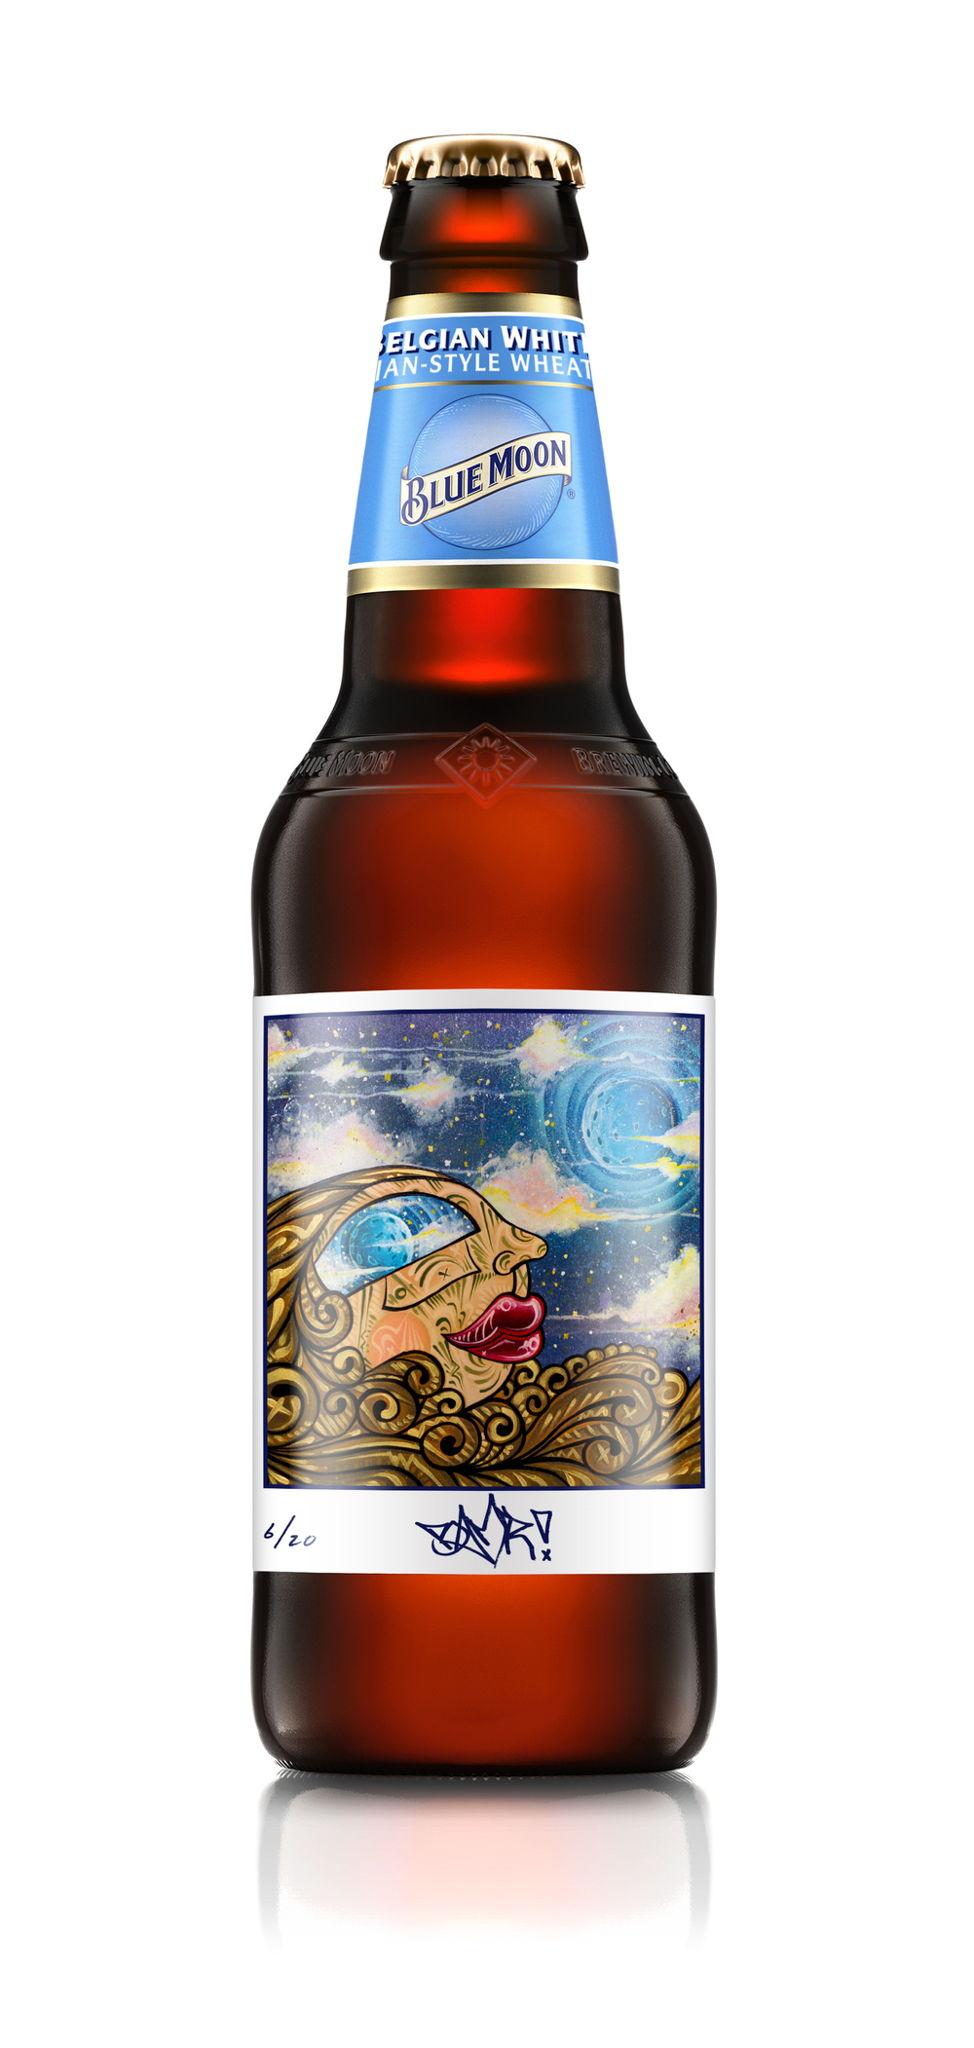 BMO-195A_Bottle_12z_Render_DemetrisWashington_150401_FJ.jpg